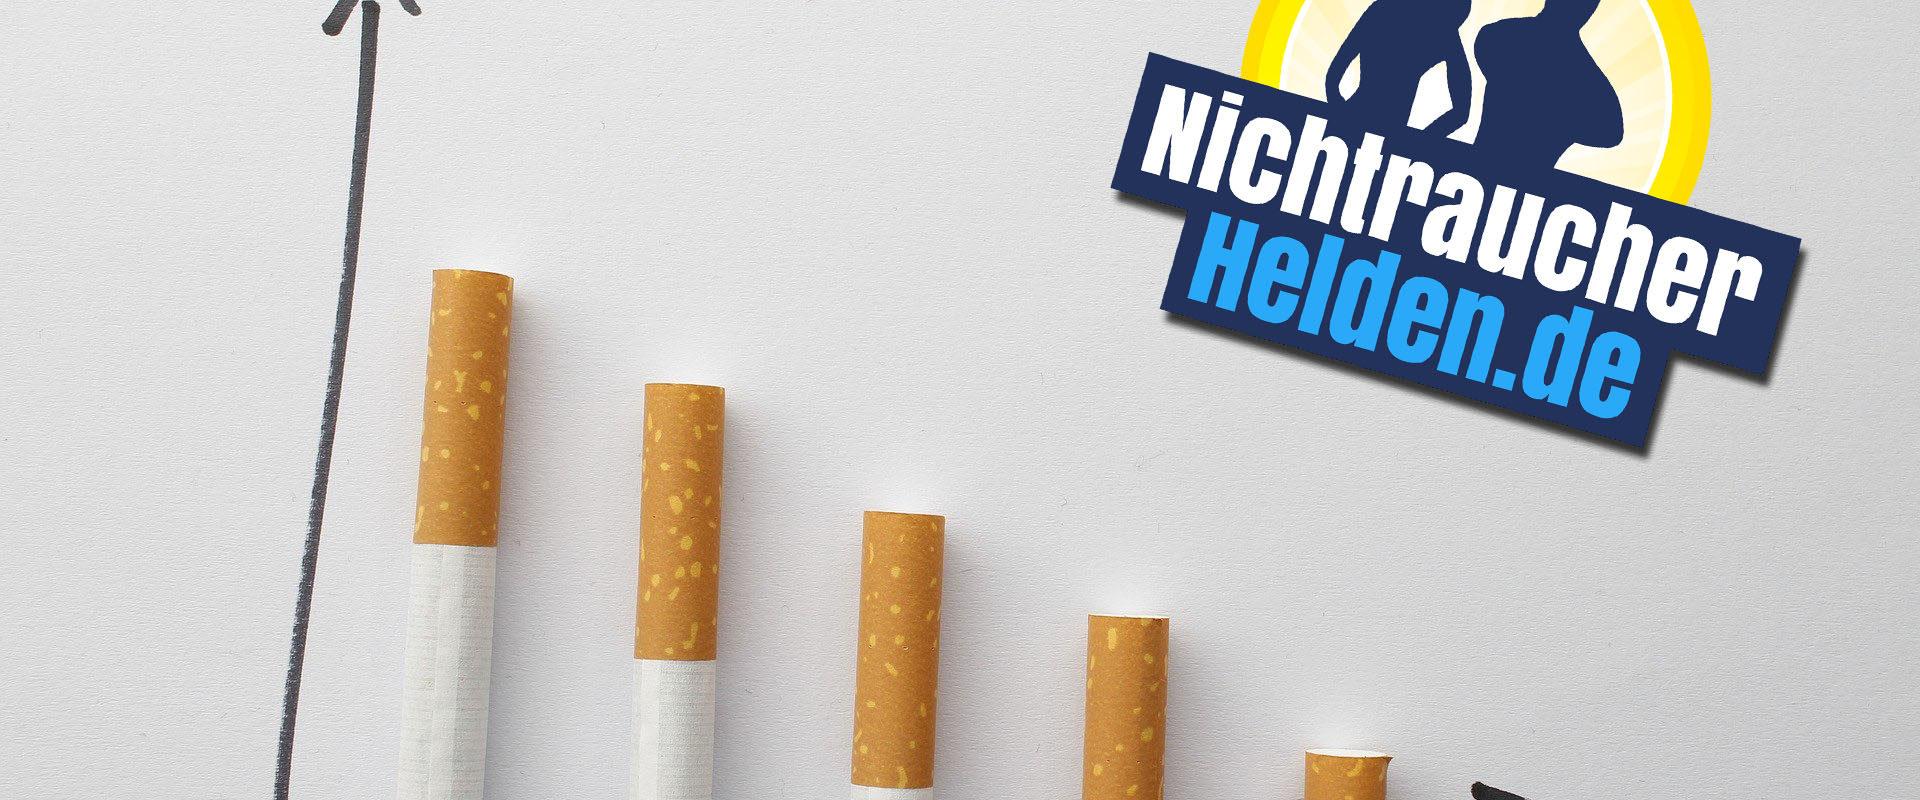 Permalink zu:App-Test: NichtraucherHelden